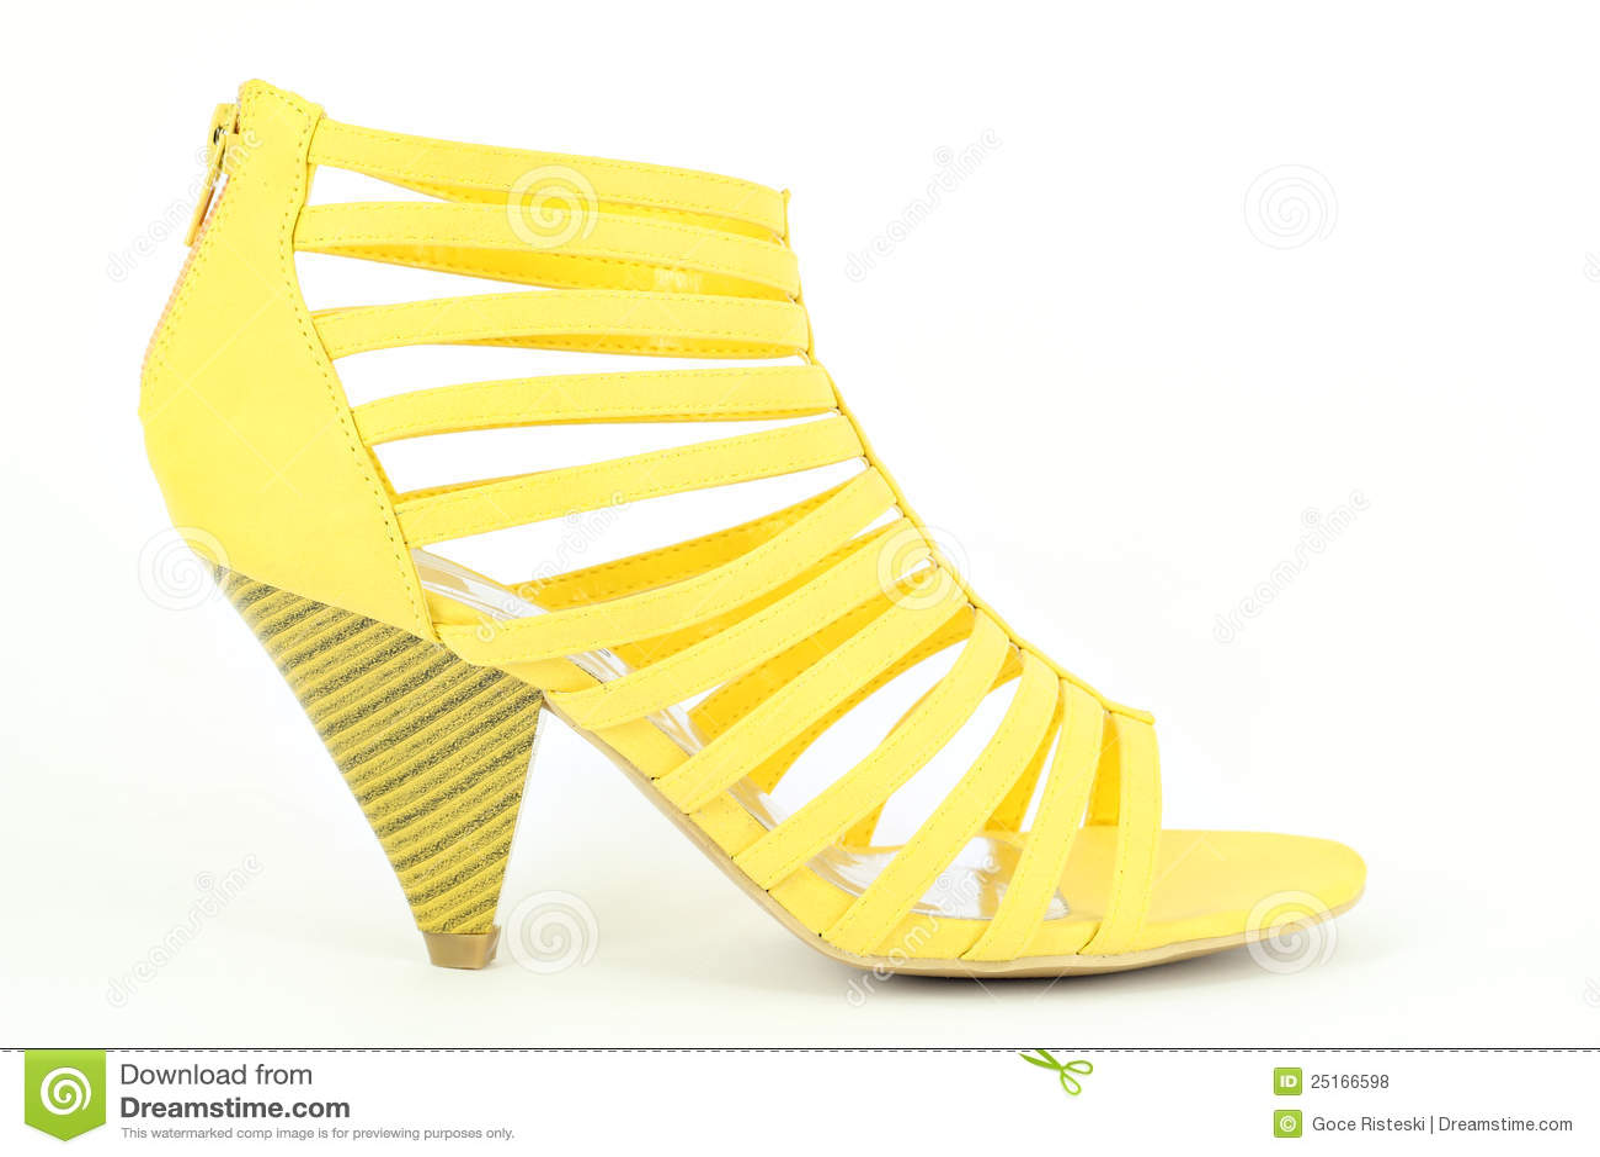 Chaussure Chaussure Chaussure jaune d'été photo Image du fashionable 25166598 dd3a22